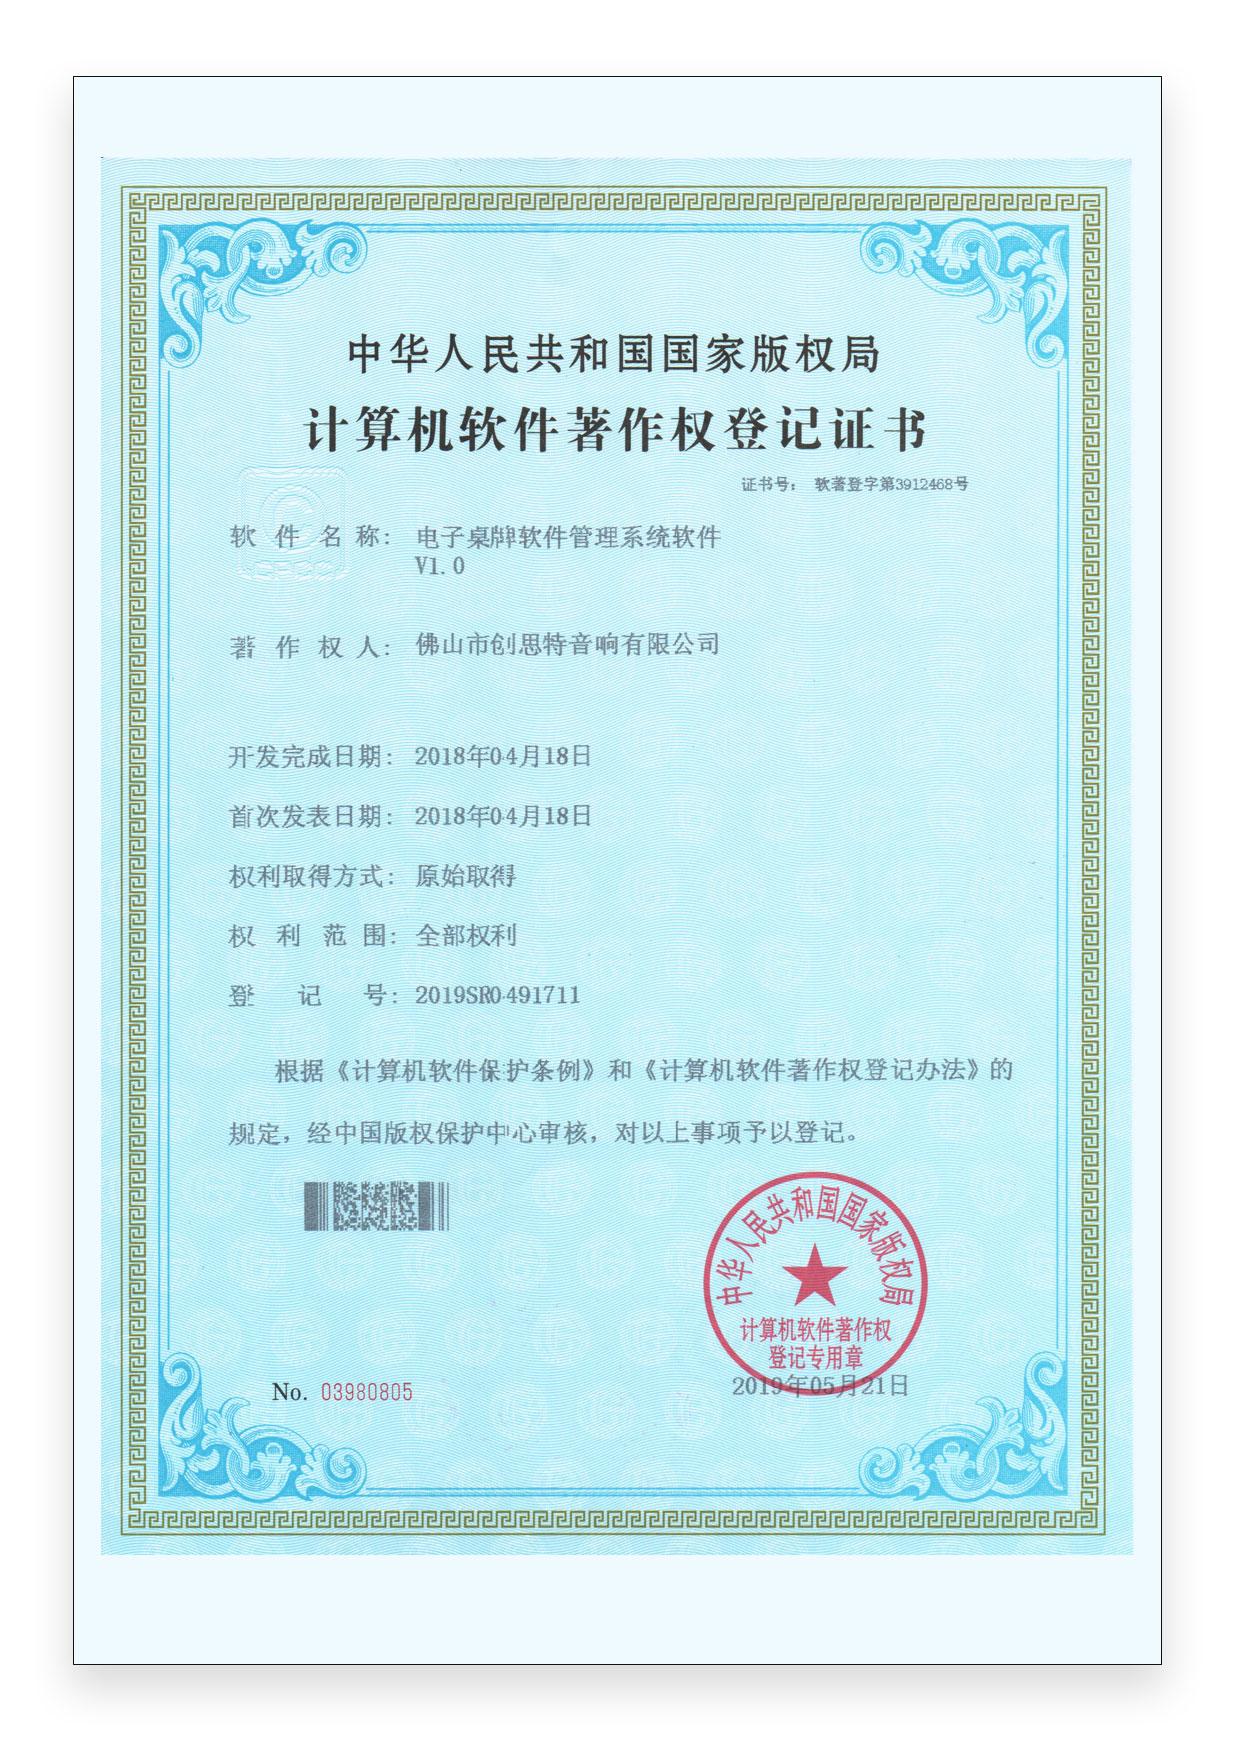 软件著作权证书---电子桌牌软件管理系统